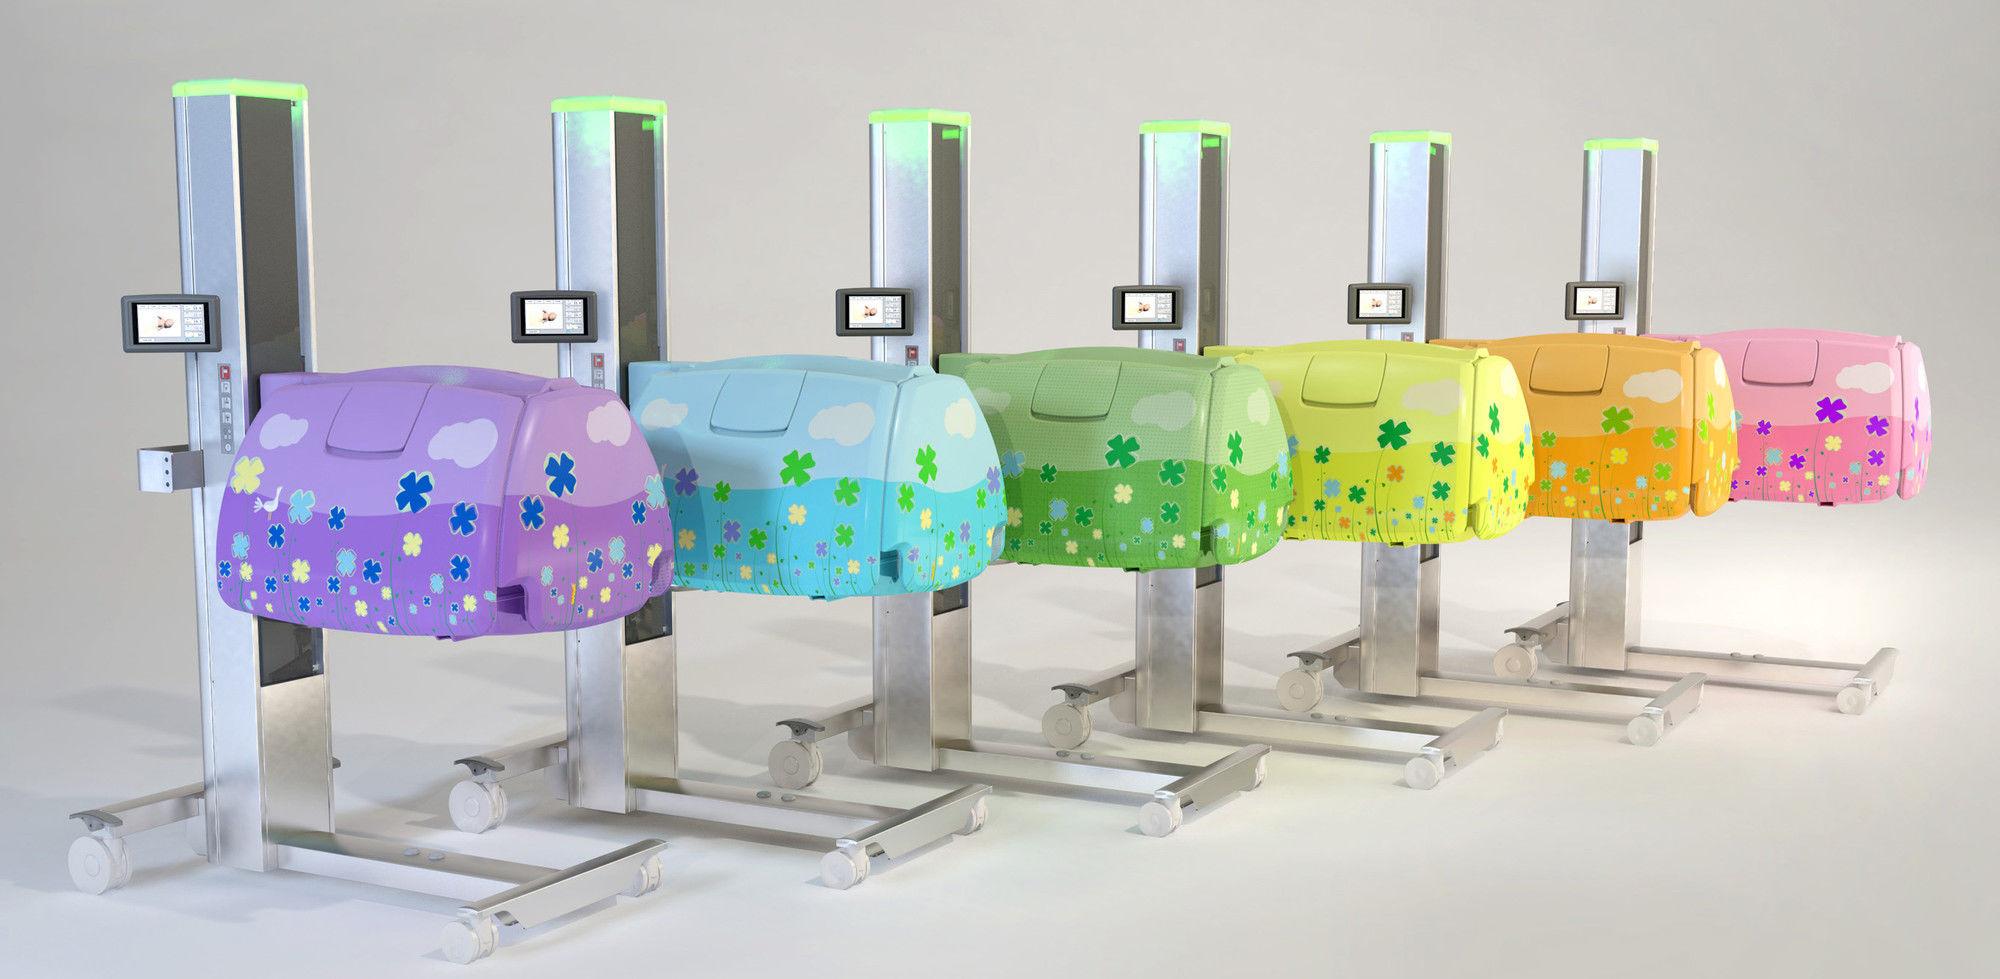 Incubator babybloom force sensors